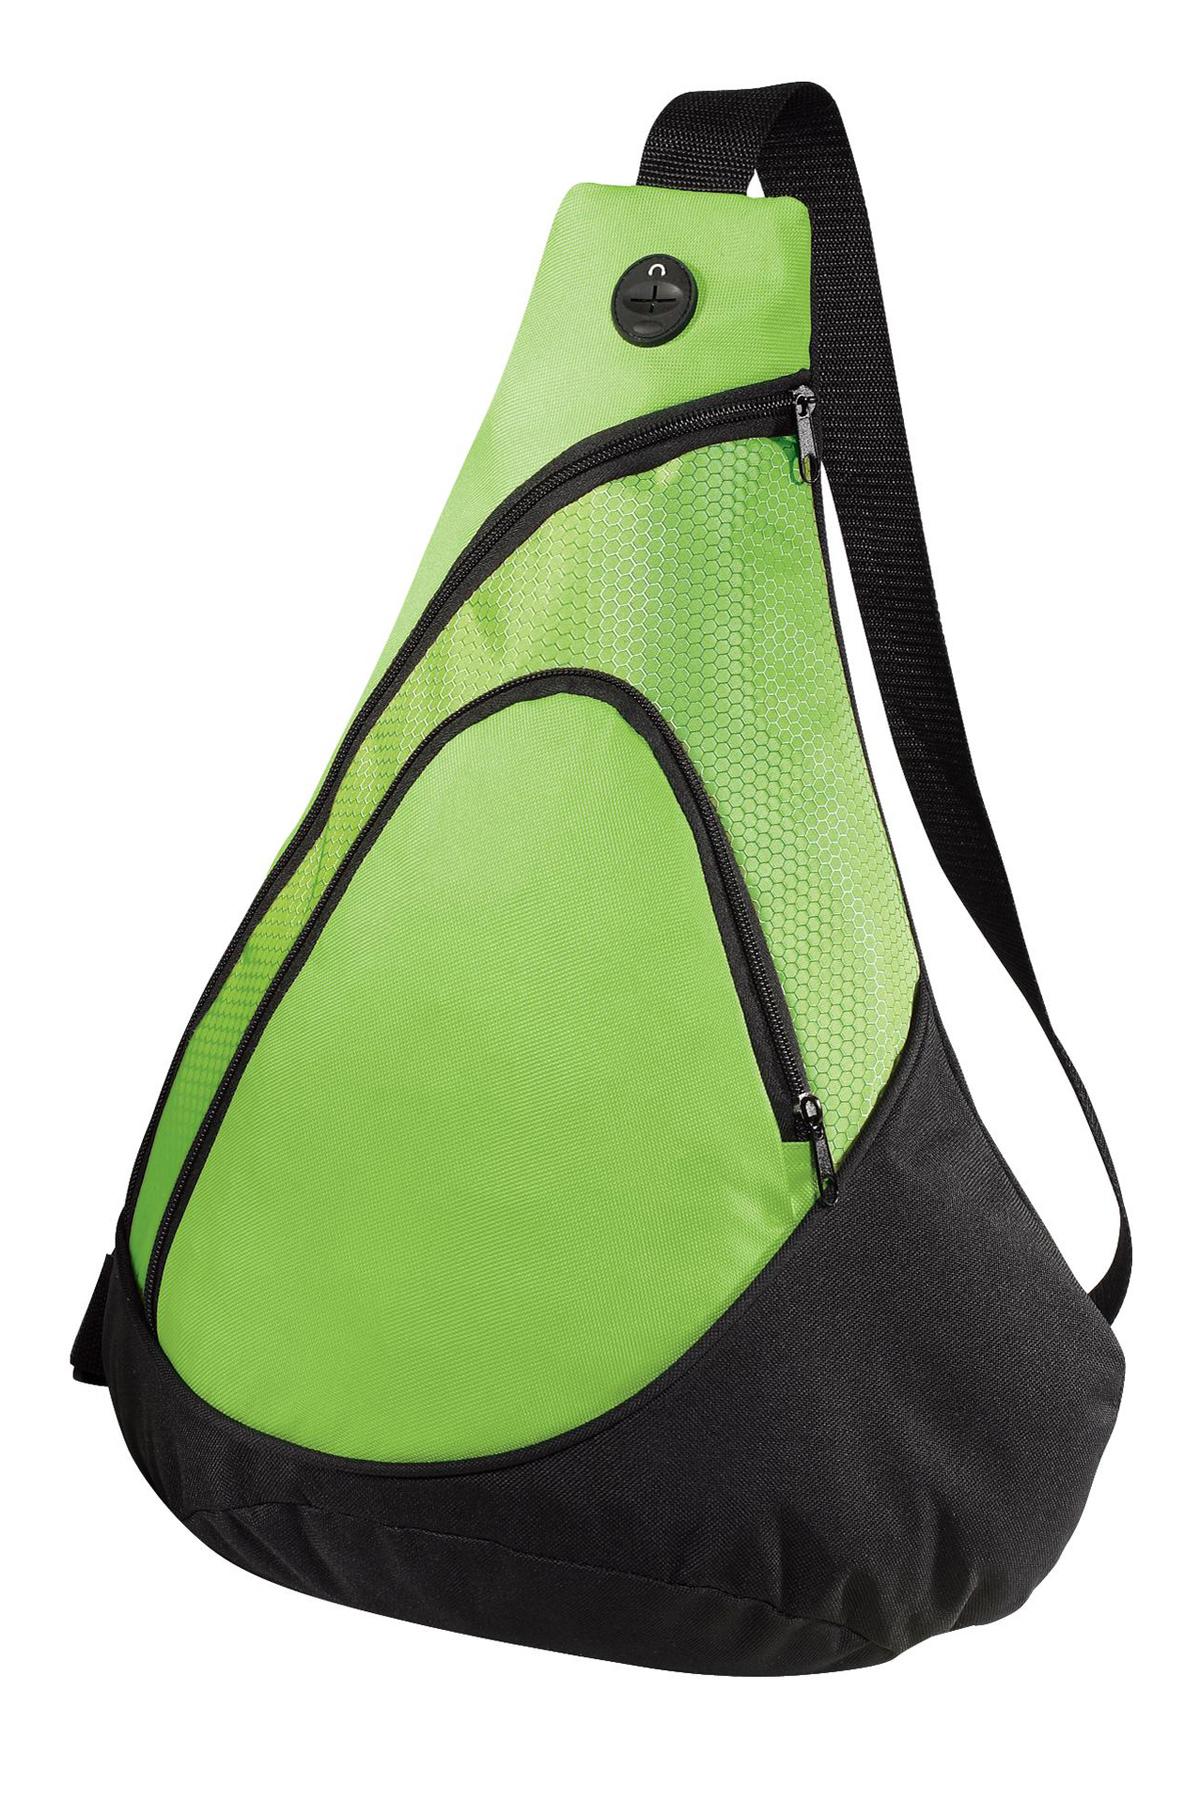 Bags-Backpacks-29